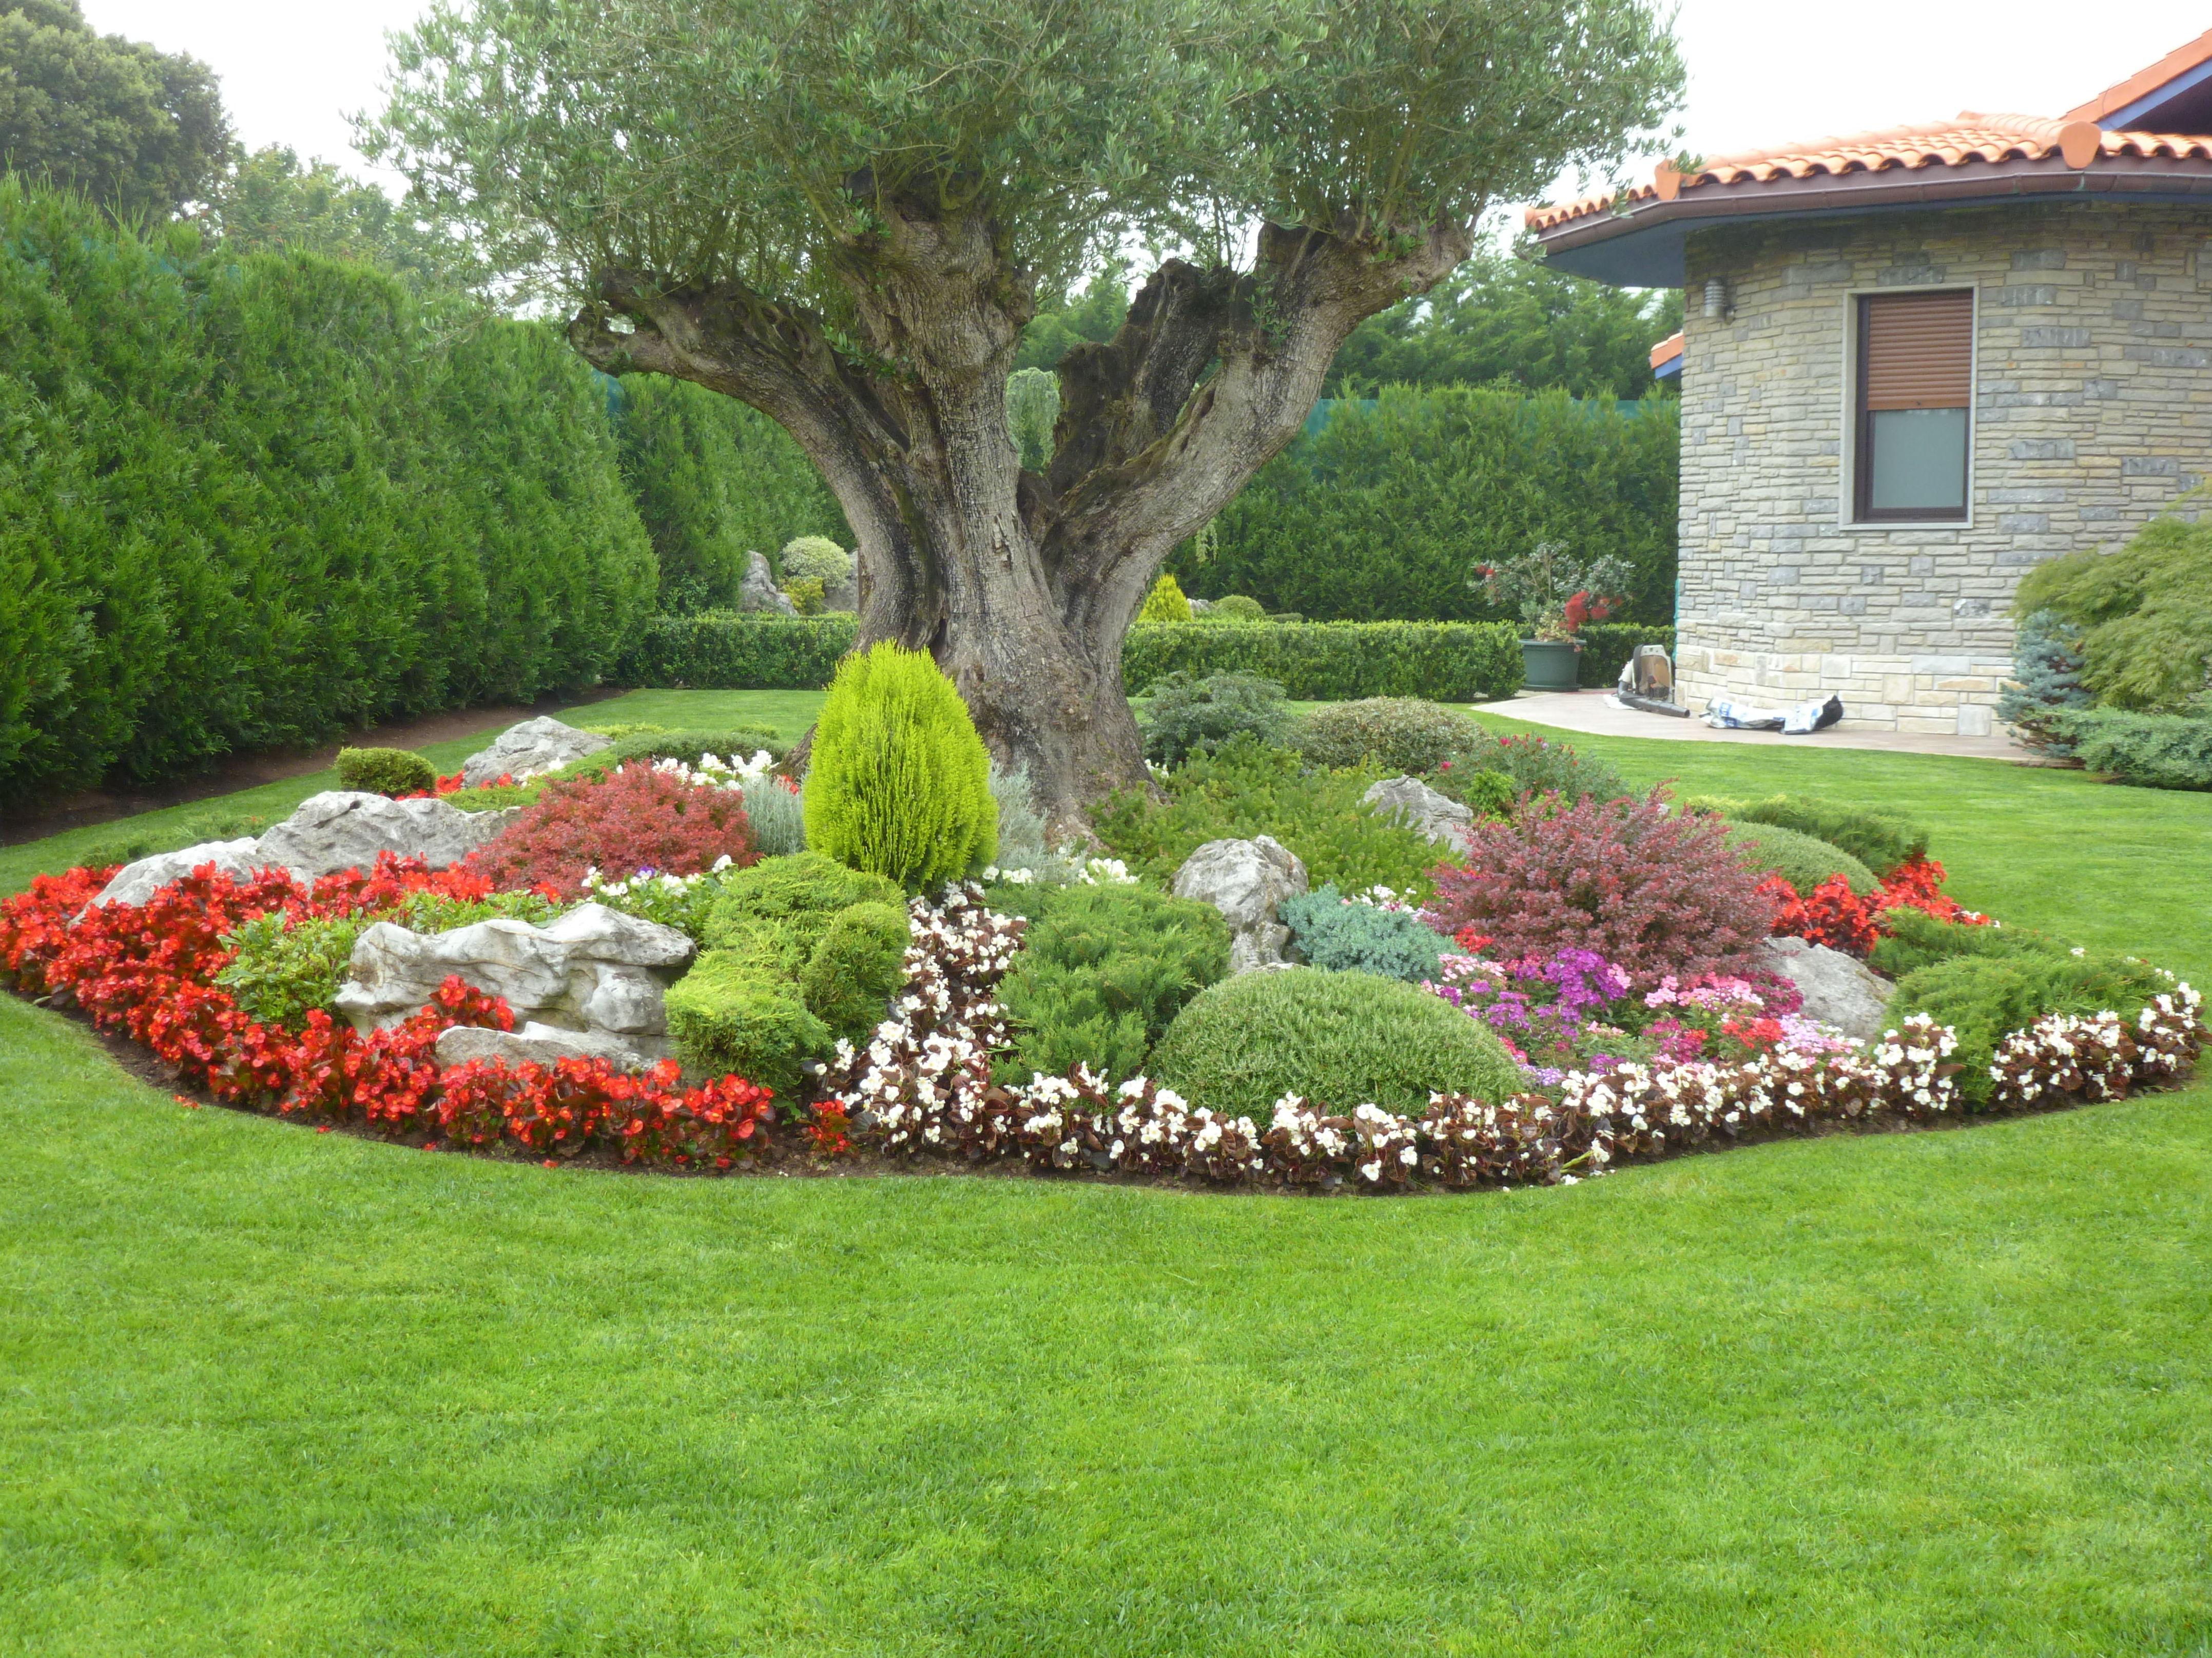 Foto 27 de dise o y mantenimiento de jardines en muskiz for Diseno de jardines fotos